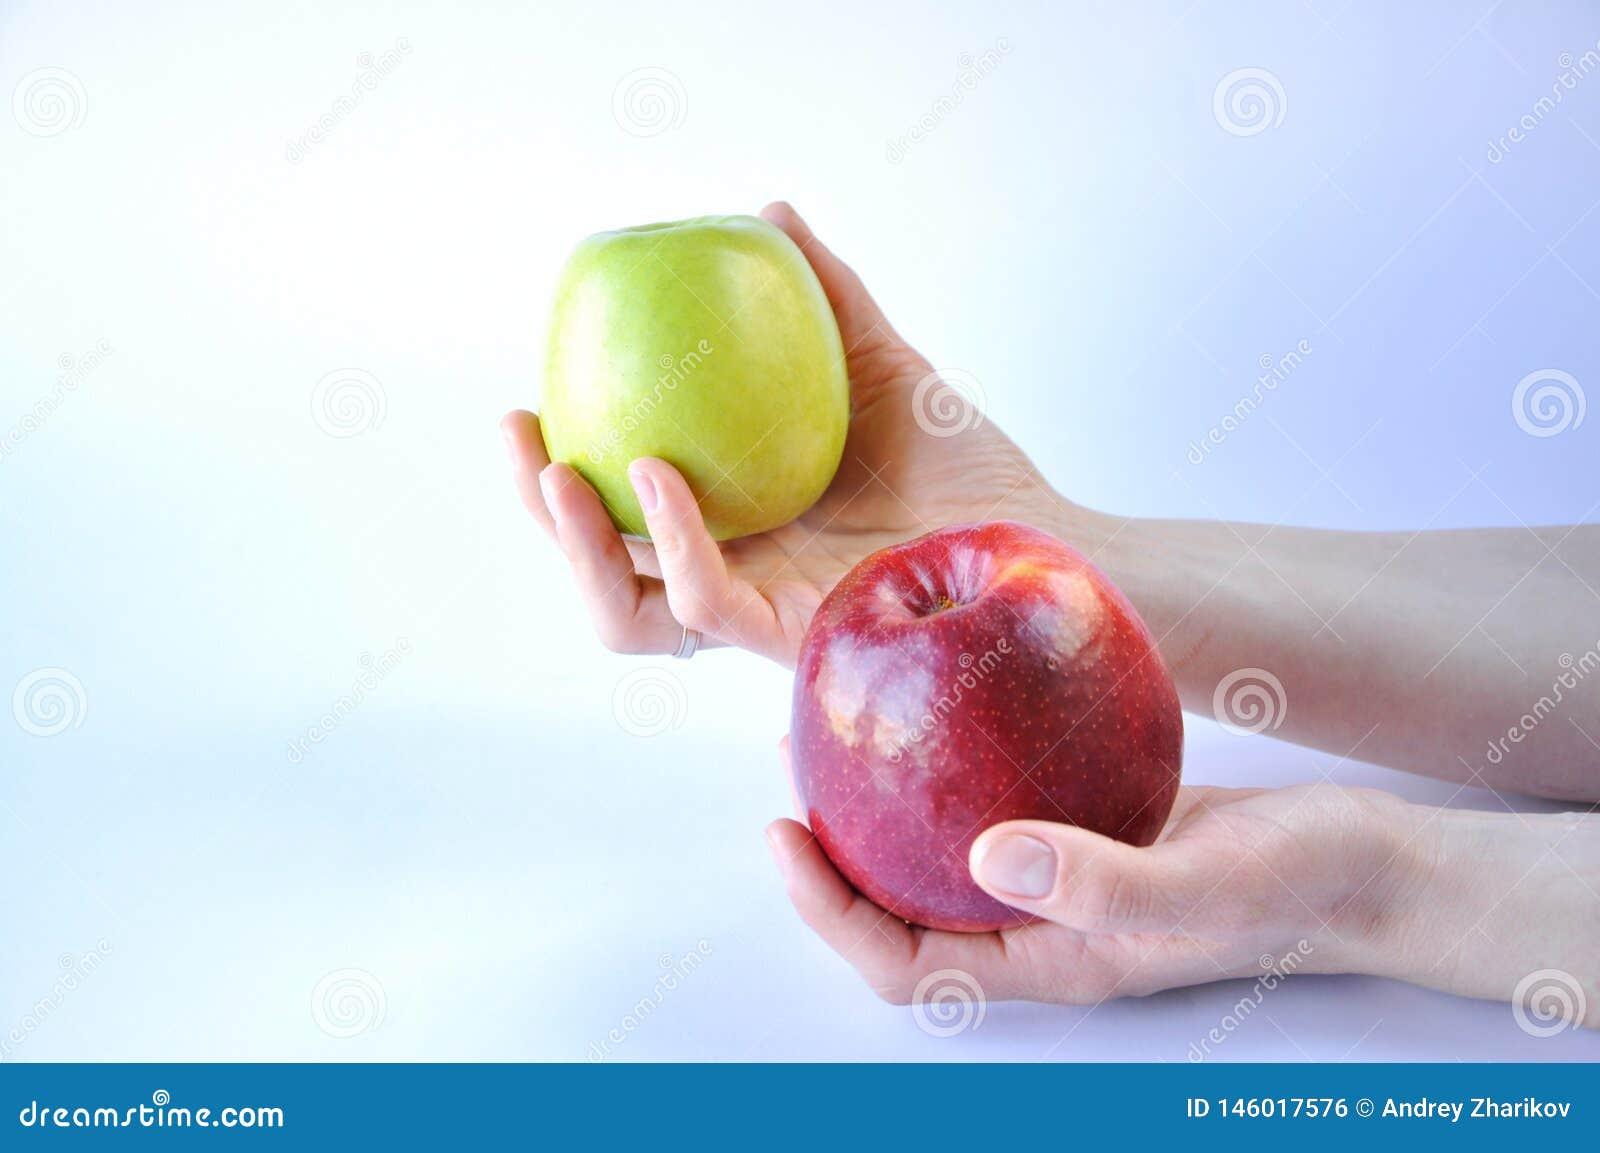 Κόκκινο και πράσινο μήλο στα χέρια στο άσπρο υπόβαθρο